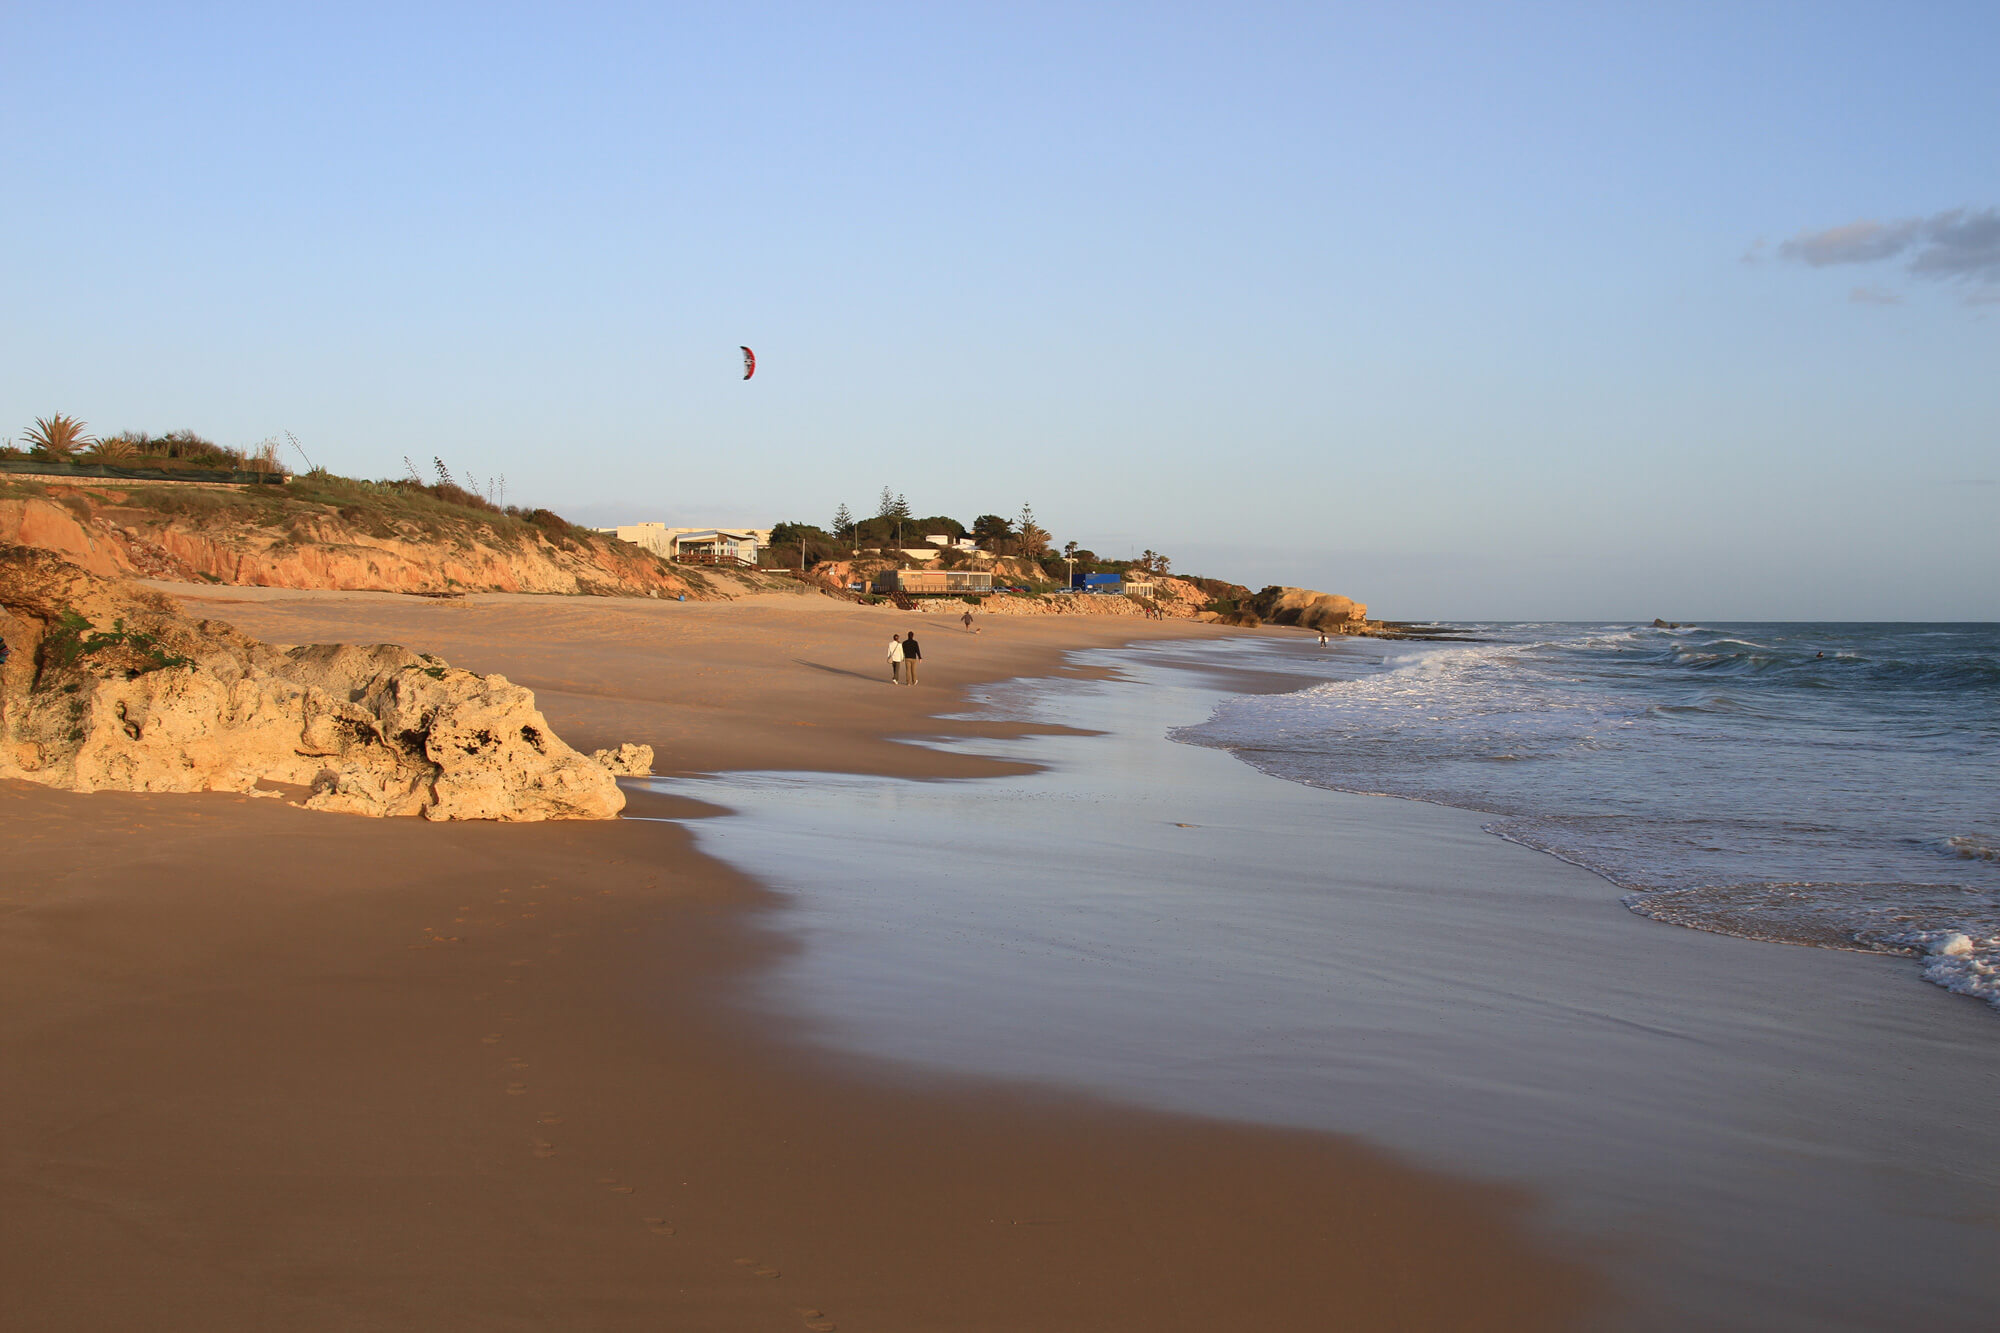 Des personnes sur la plage au bord des vagues